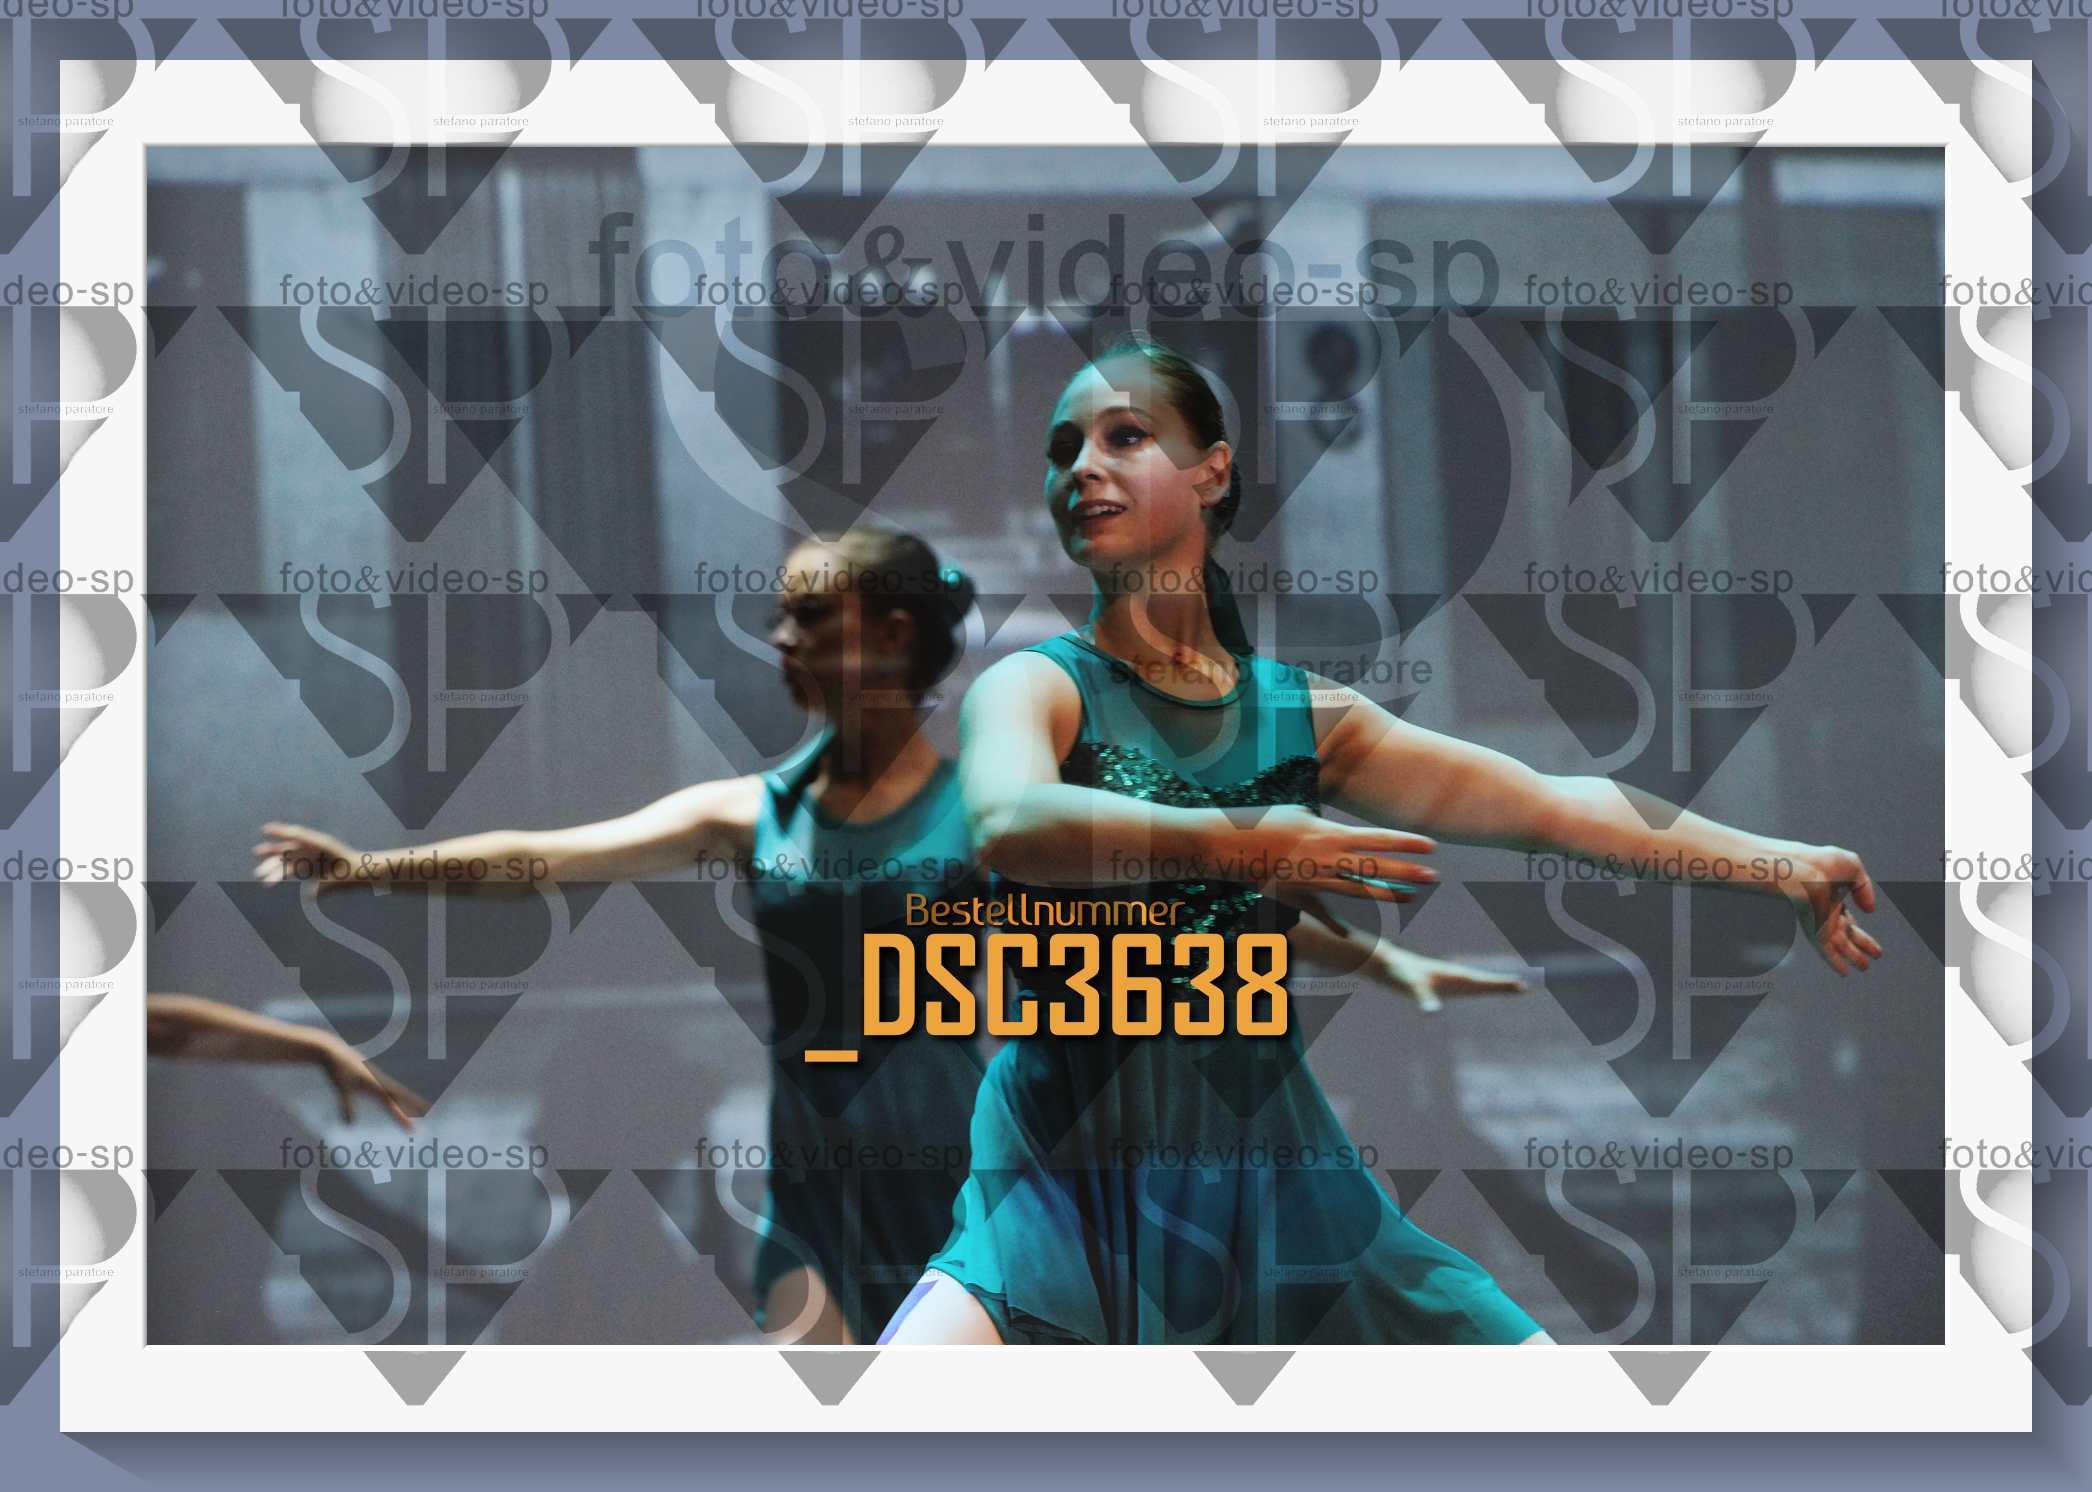 DSC3638